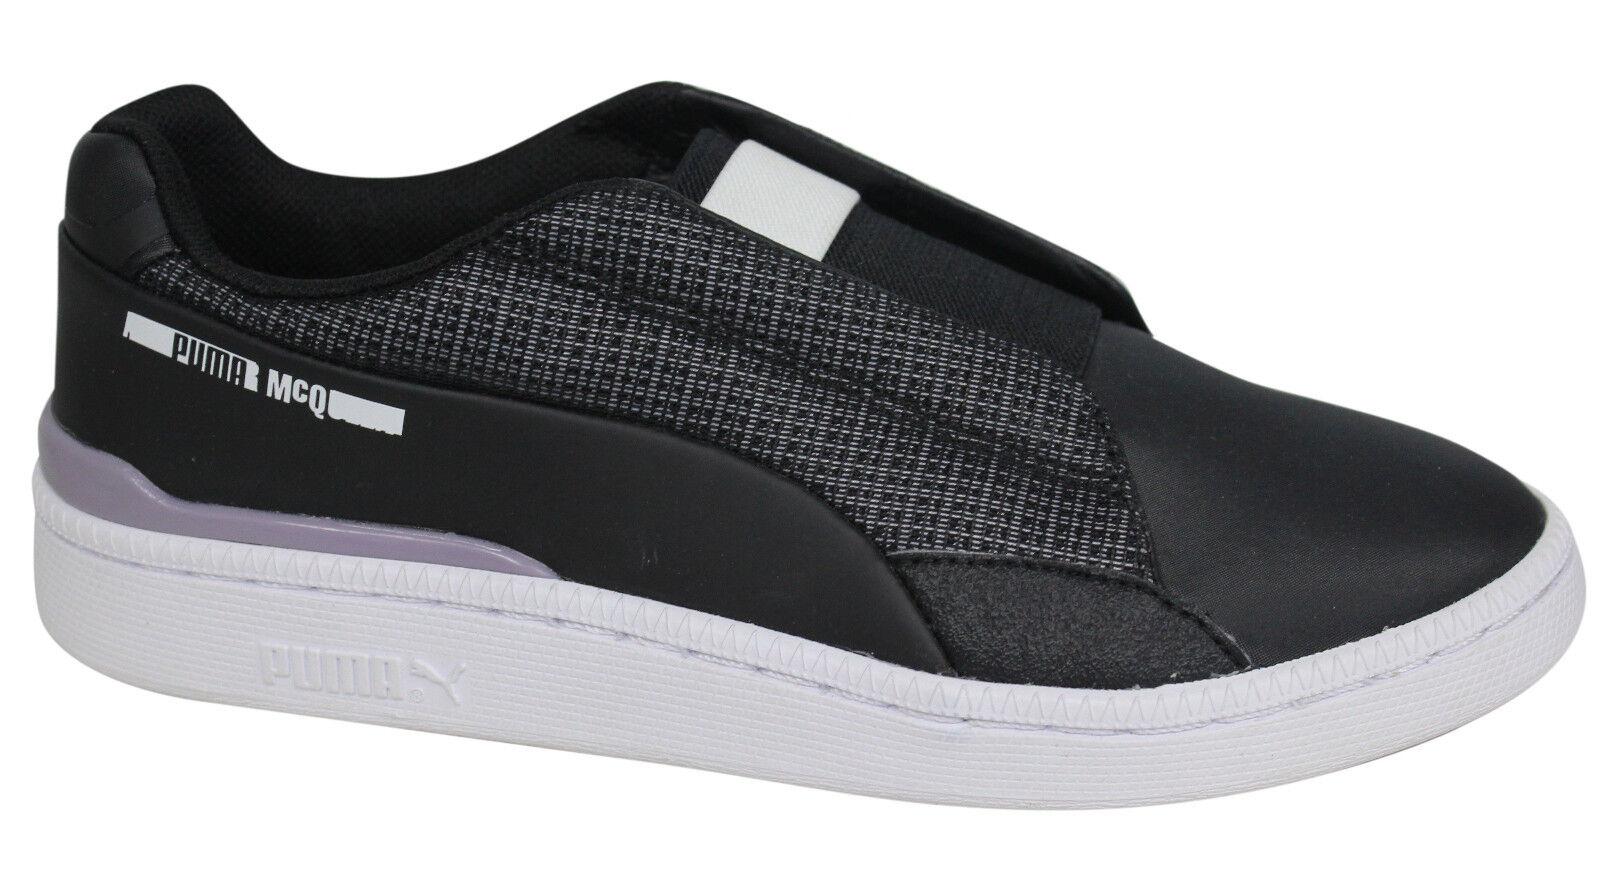 Puma x AMQ Alexander McQueen Brace lo lo lo Femme Zapatillas para mujer Negro 359906 01 U27  para proporcionarle una compra en línea agradable